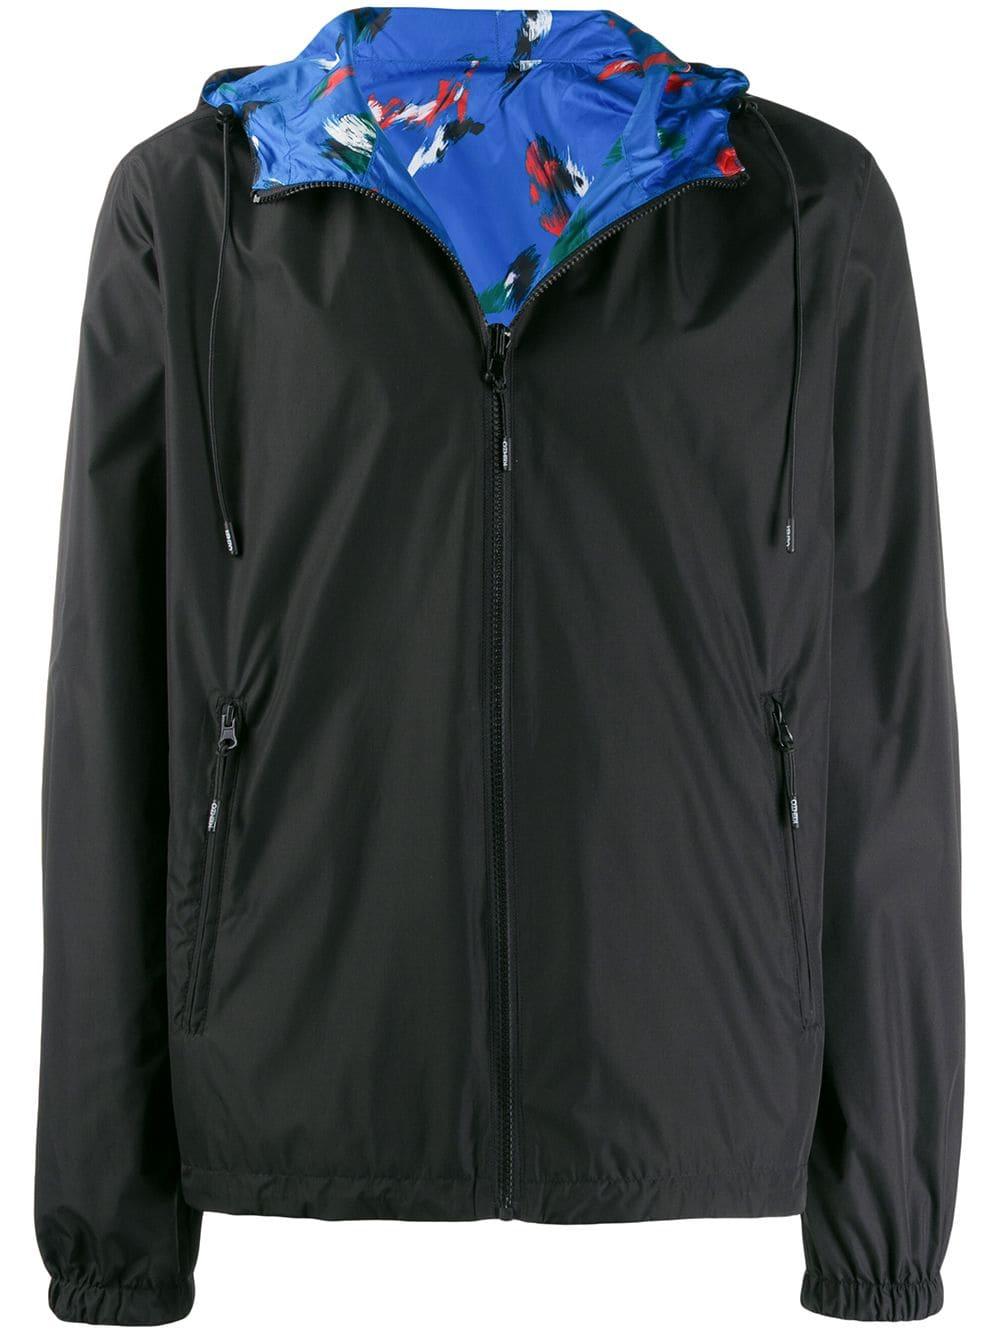 755be7ec Kenzo reversible logo windbreaker jacket - Black in 2019 | Products ...